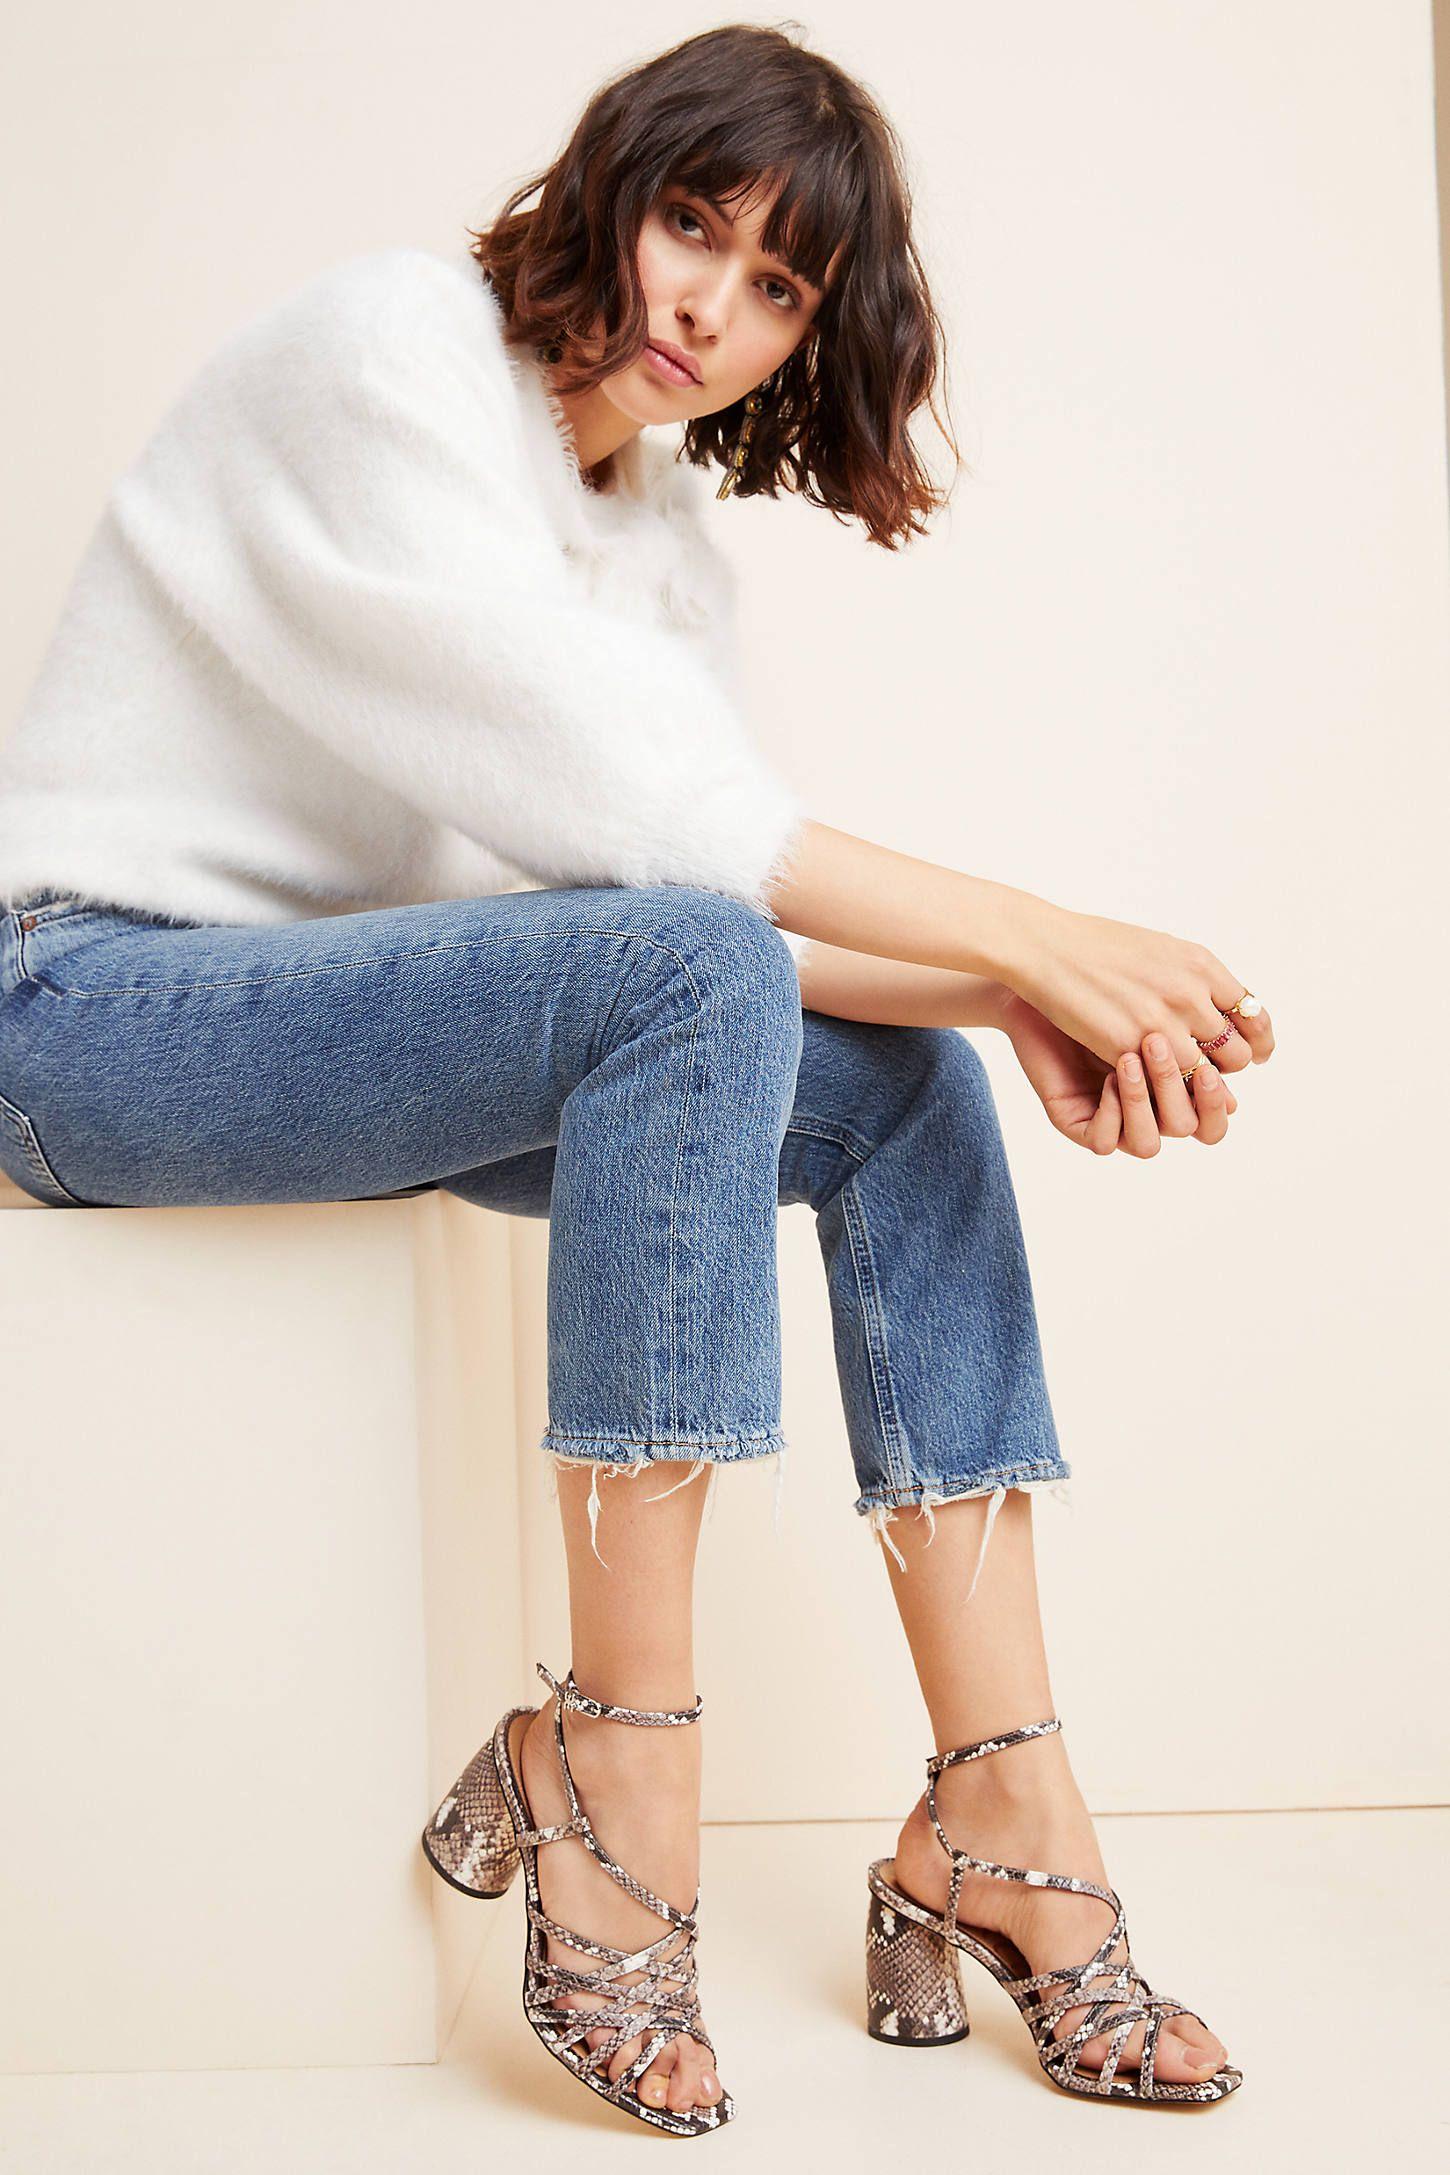 Sam Edelman Daffodil Strappy Heels By In Black Size 7 Modesens In 2020 Sam Edelman Strappy Heels Edelman